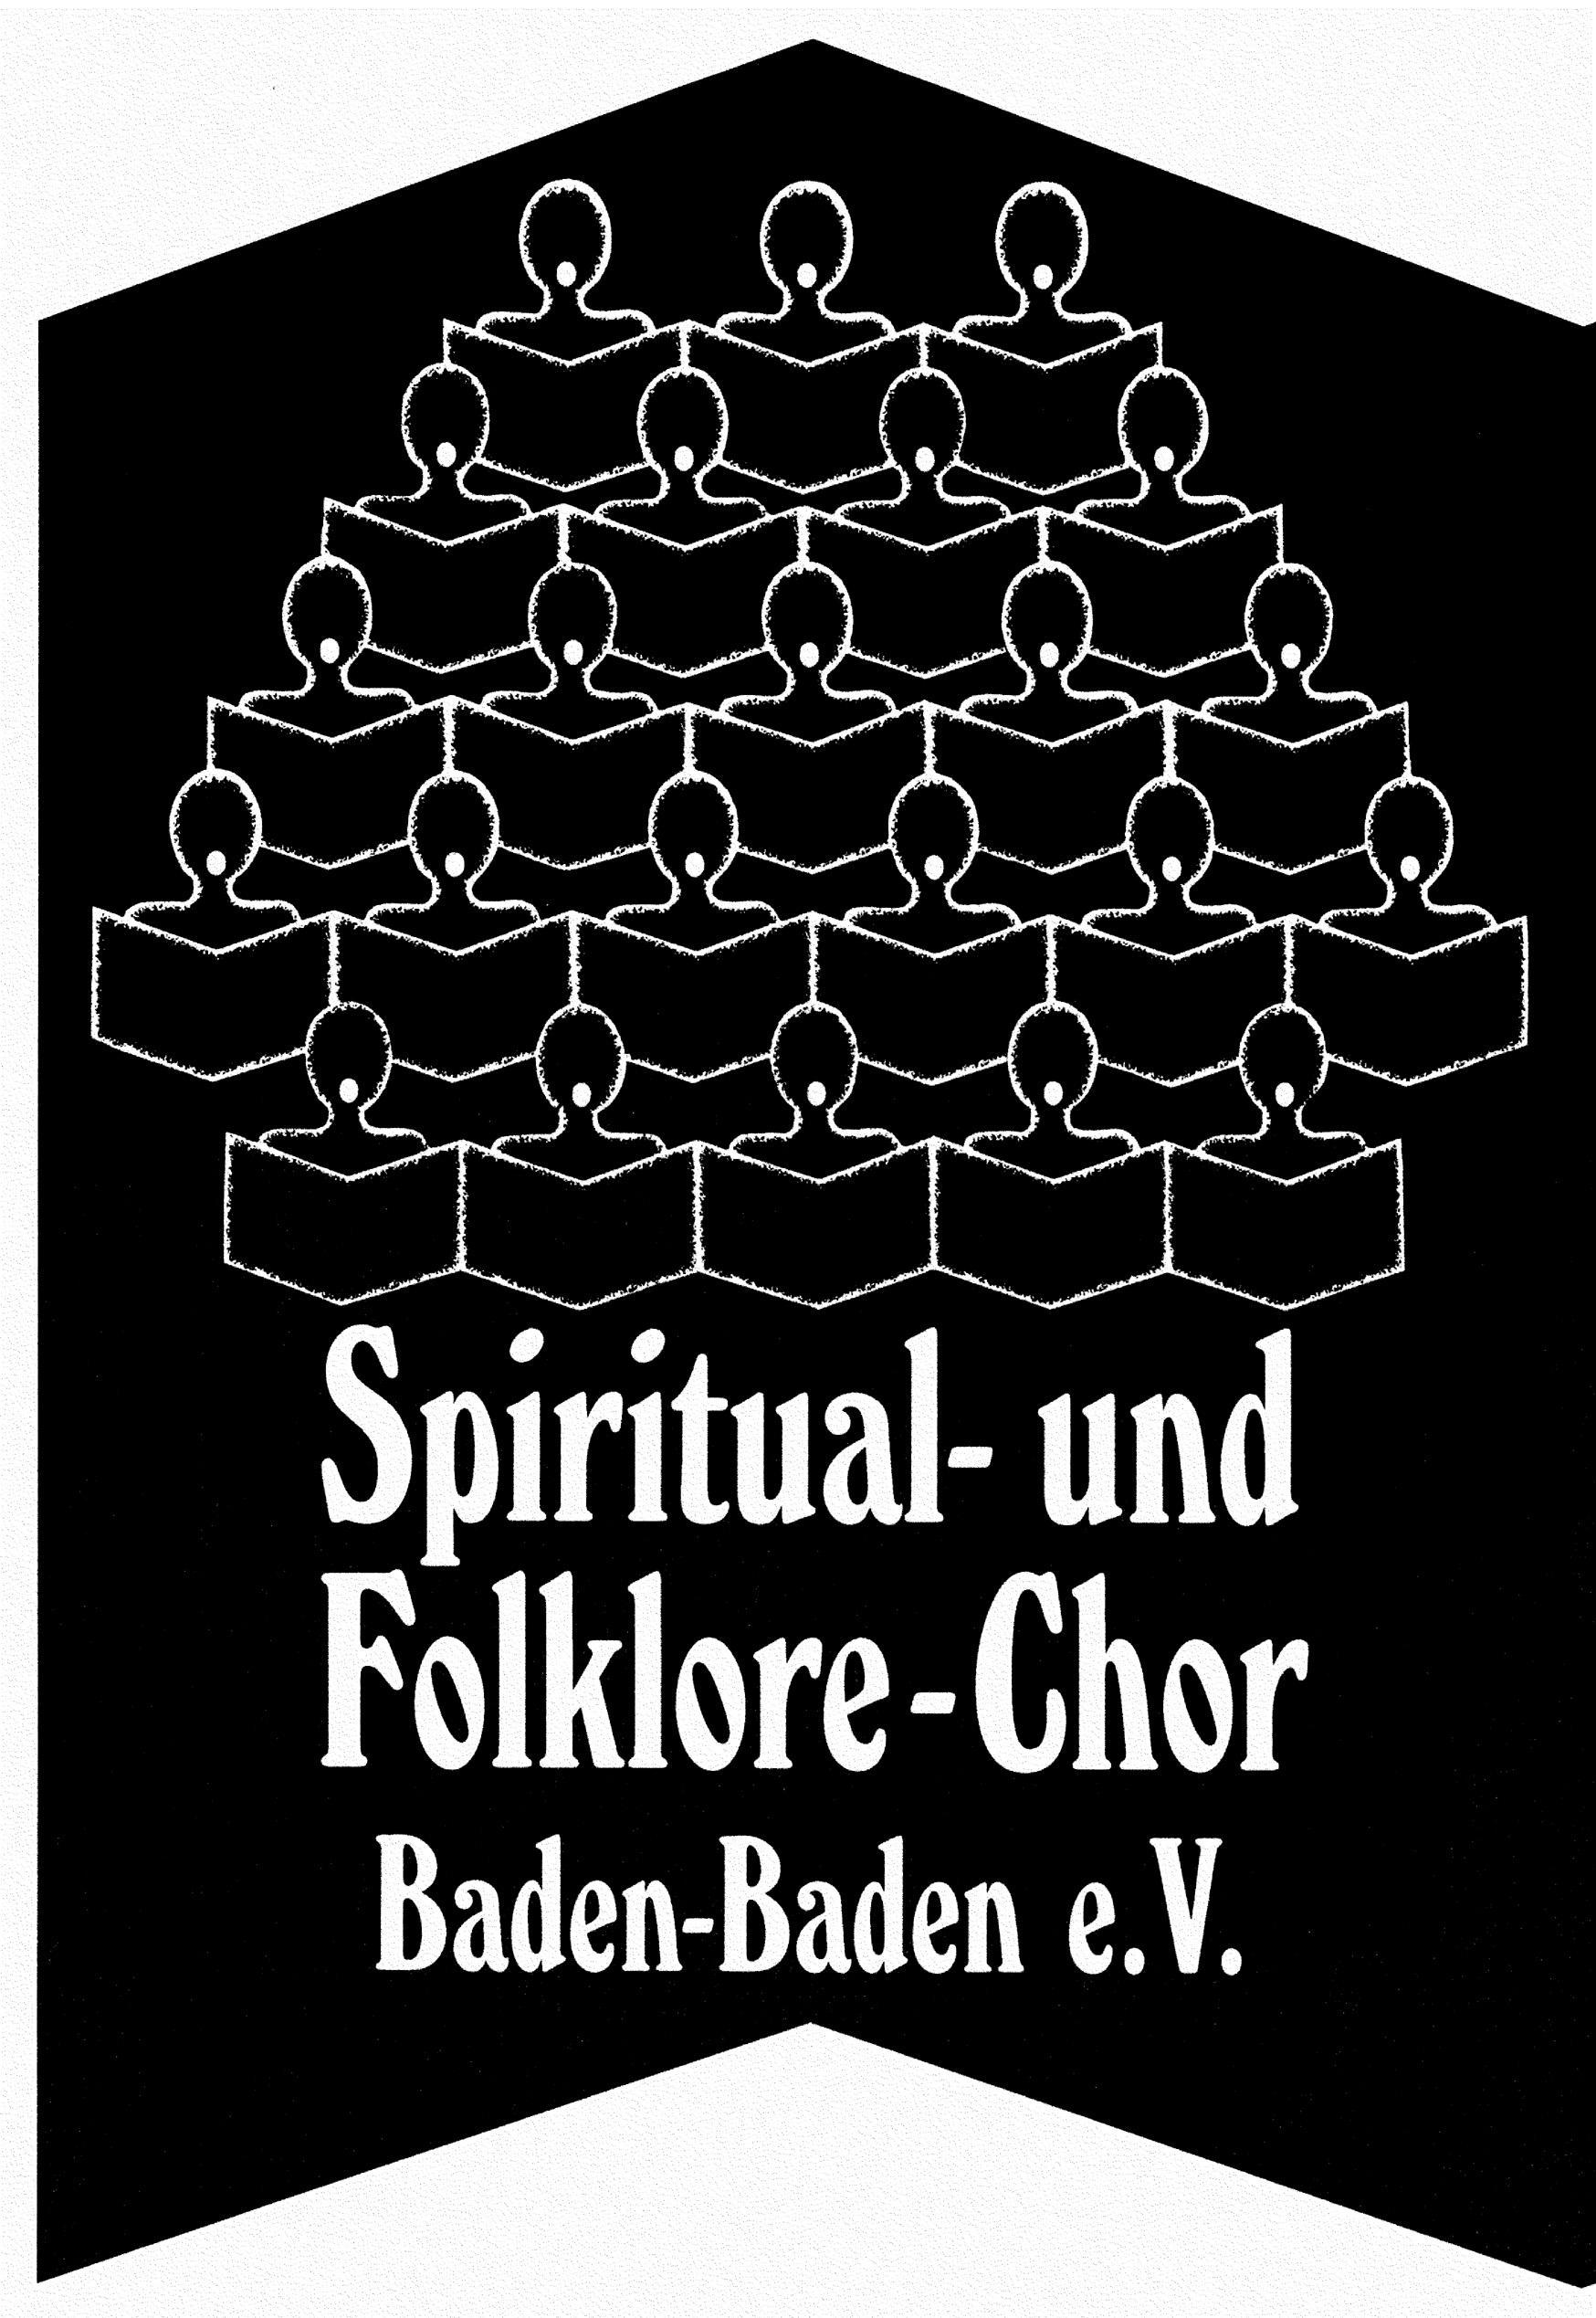 Spiritual- und Folklorechor Baden-Baden